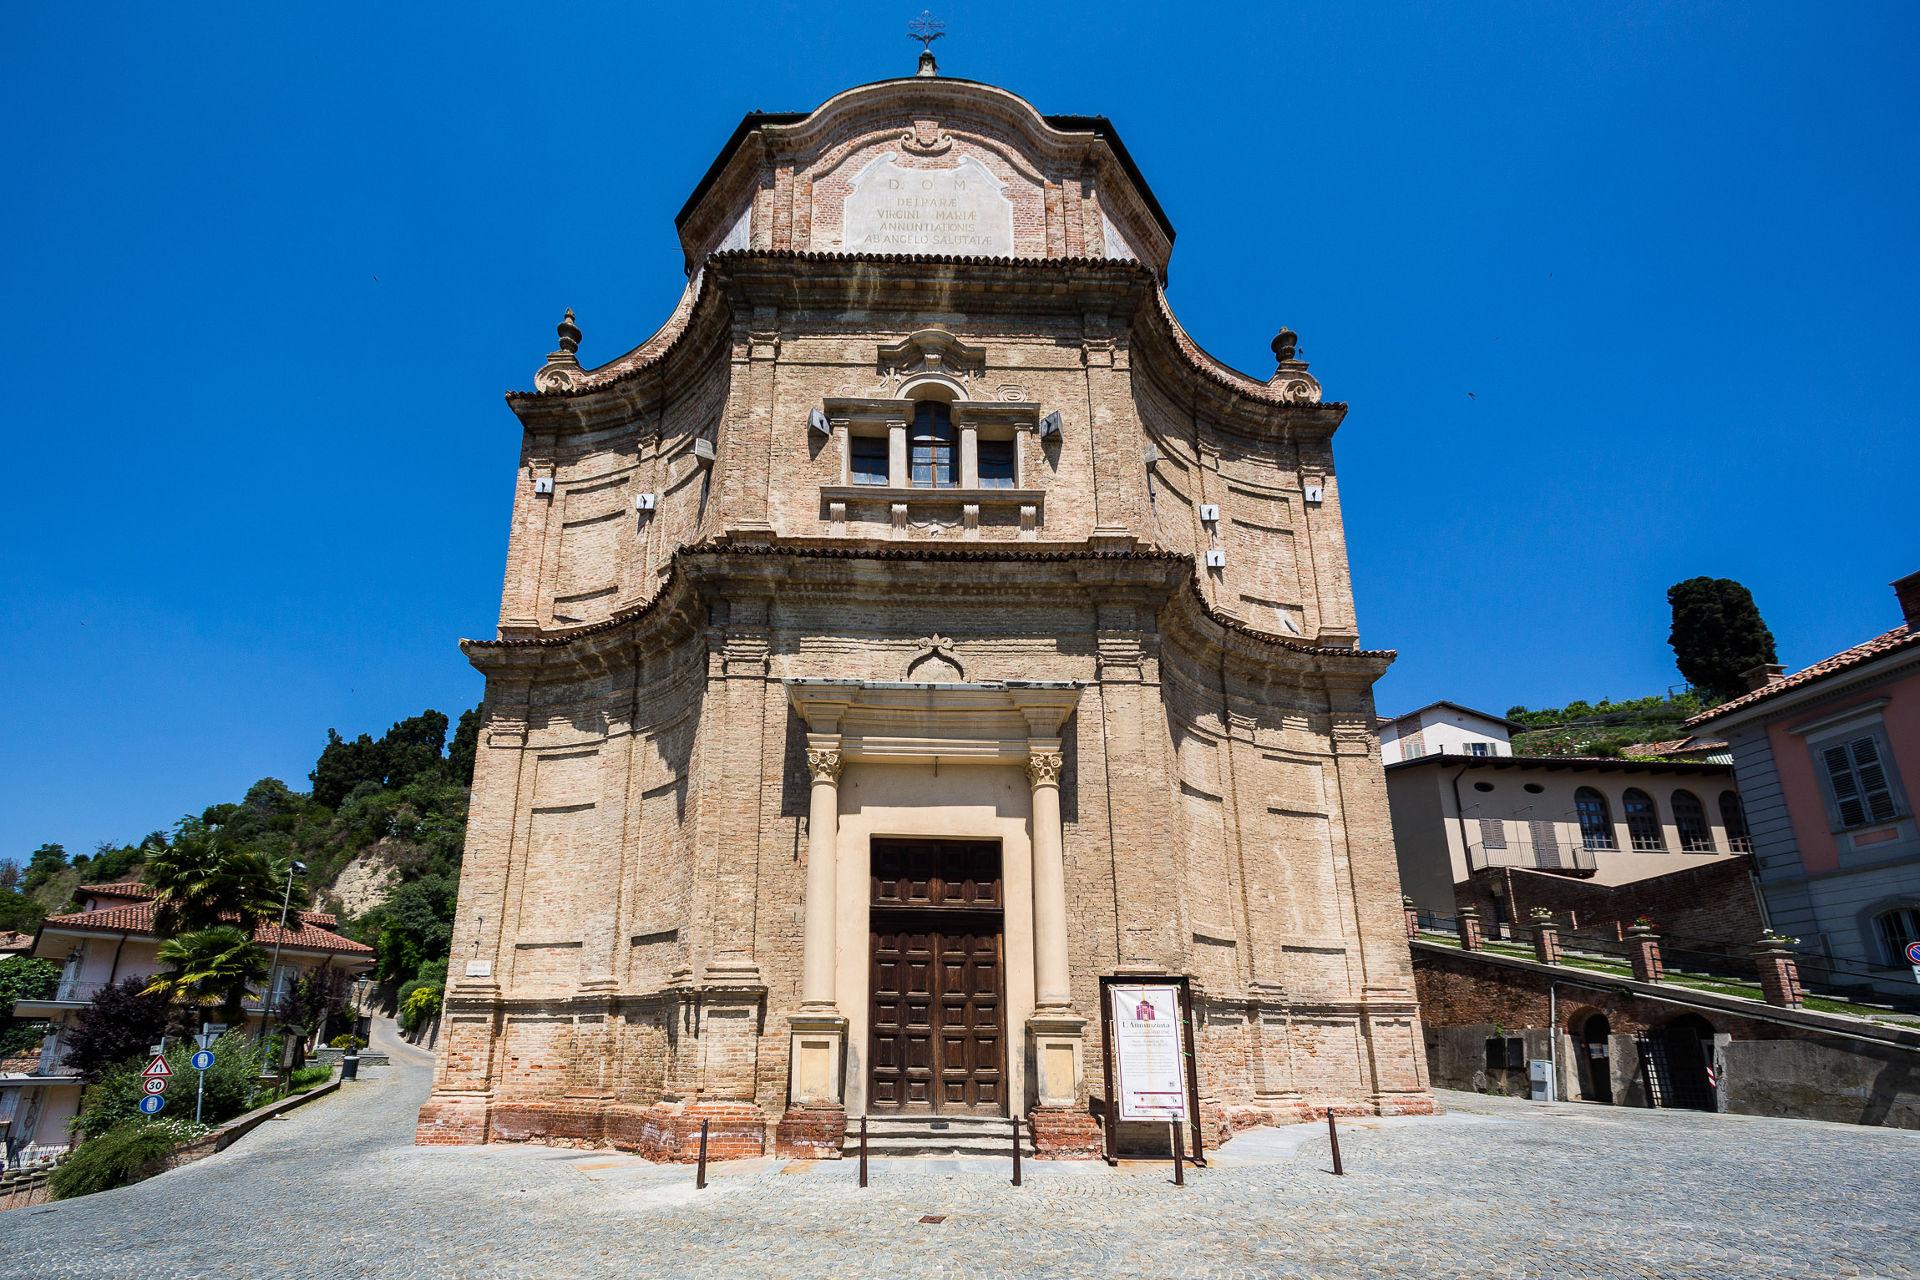 GUARENE - Chiesa della Santissima Annunziata